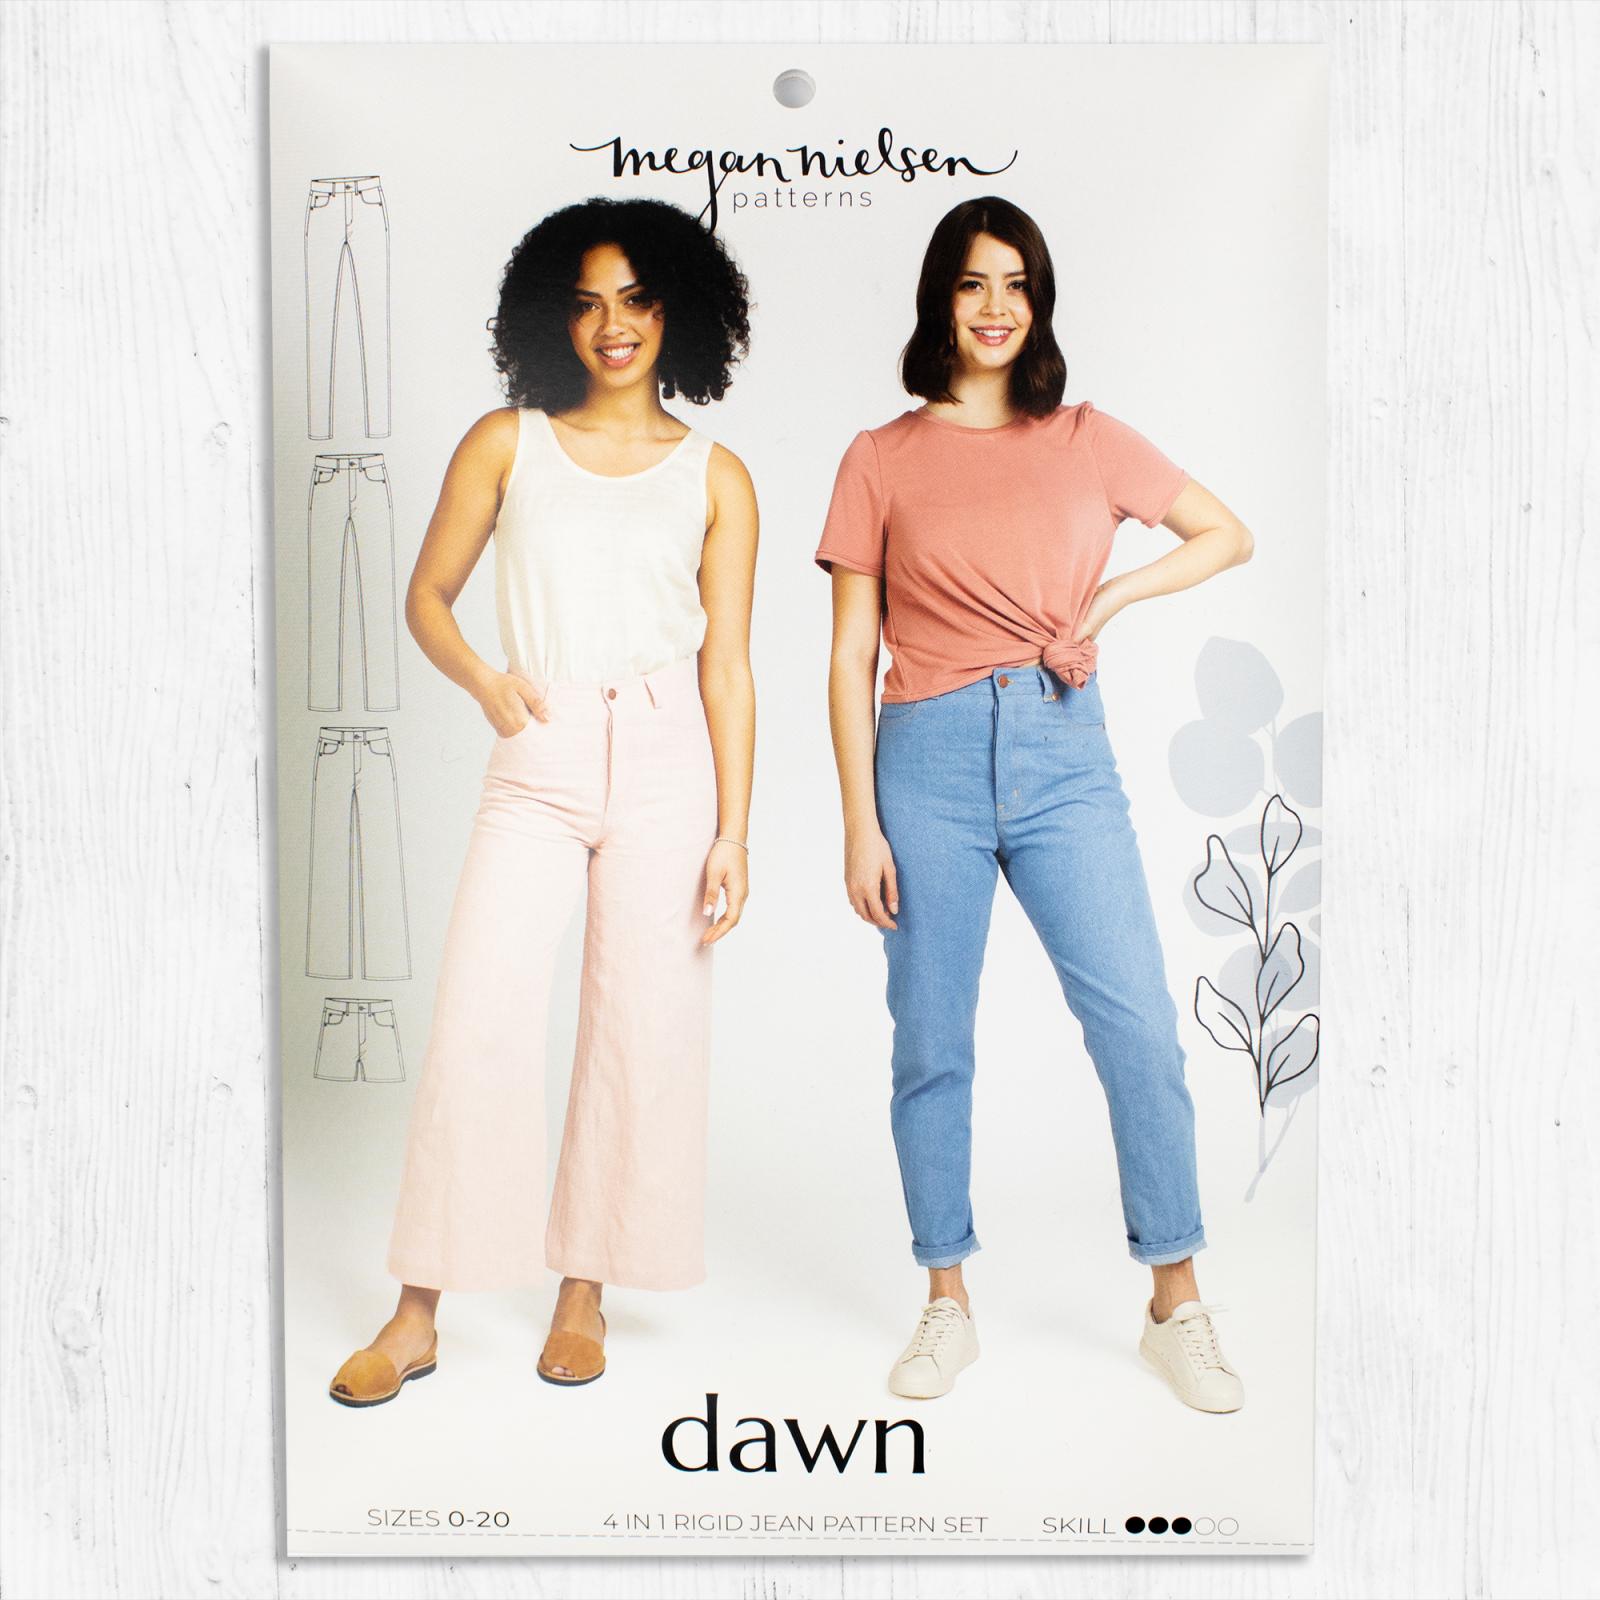 Megan Nielsen Patterns - Dawn Jeans